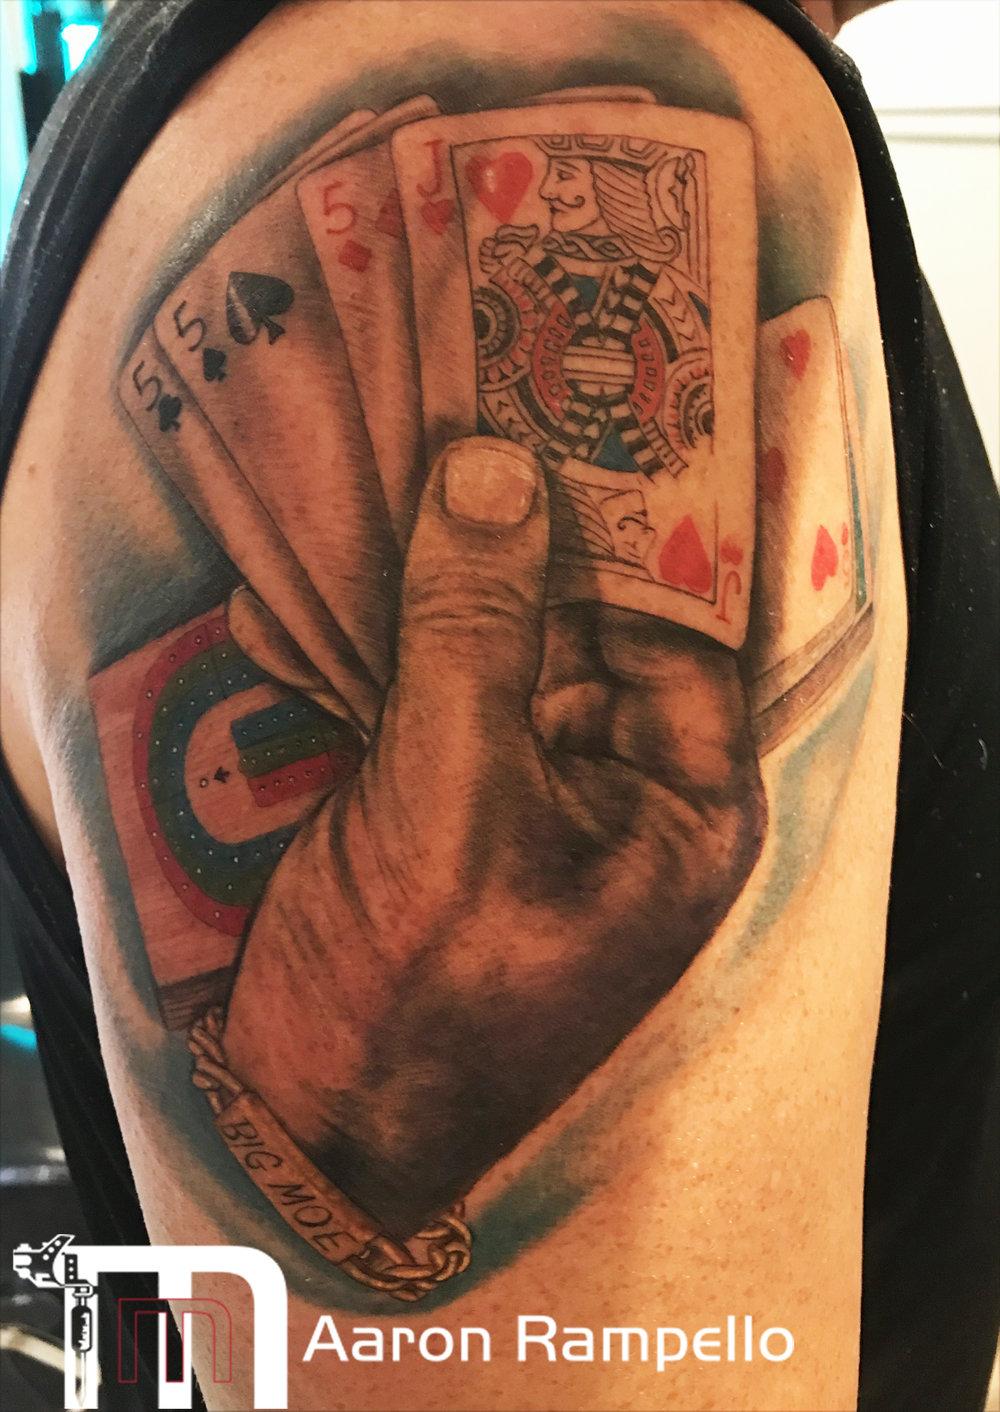 cribbage masters method tattoo.jpg